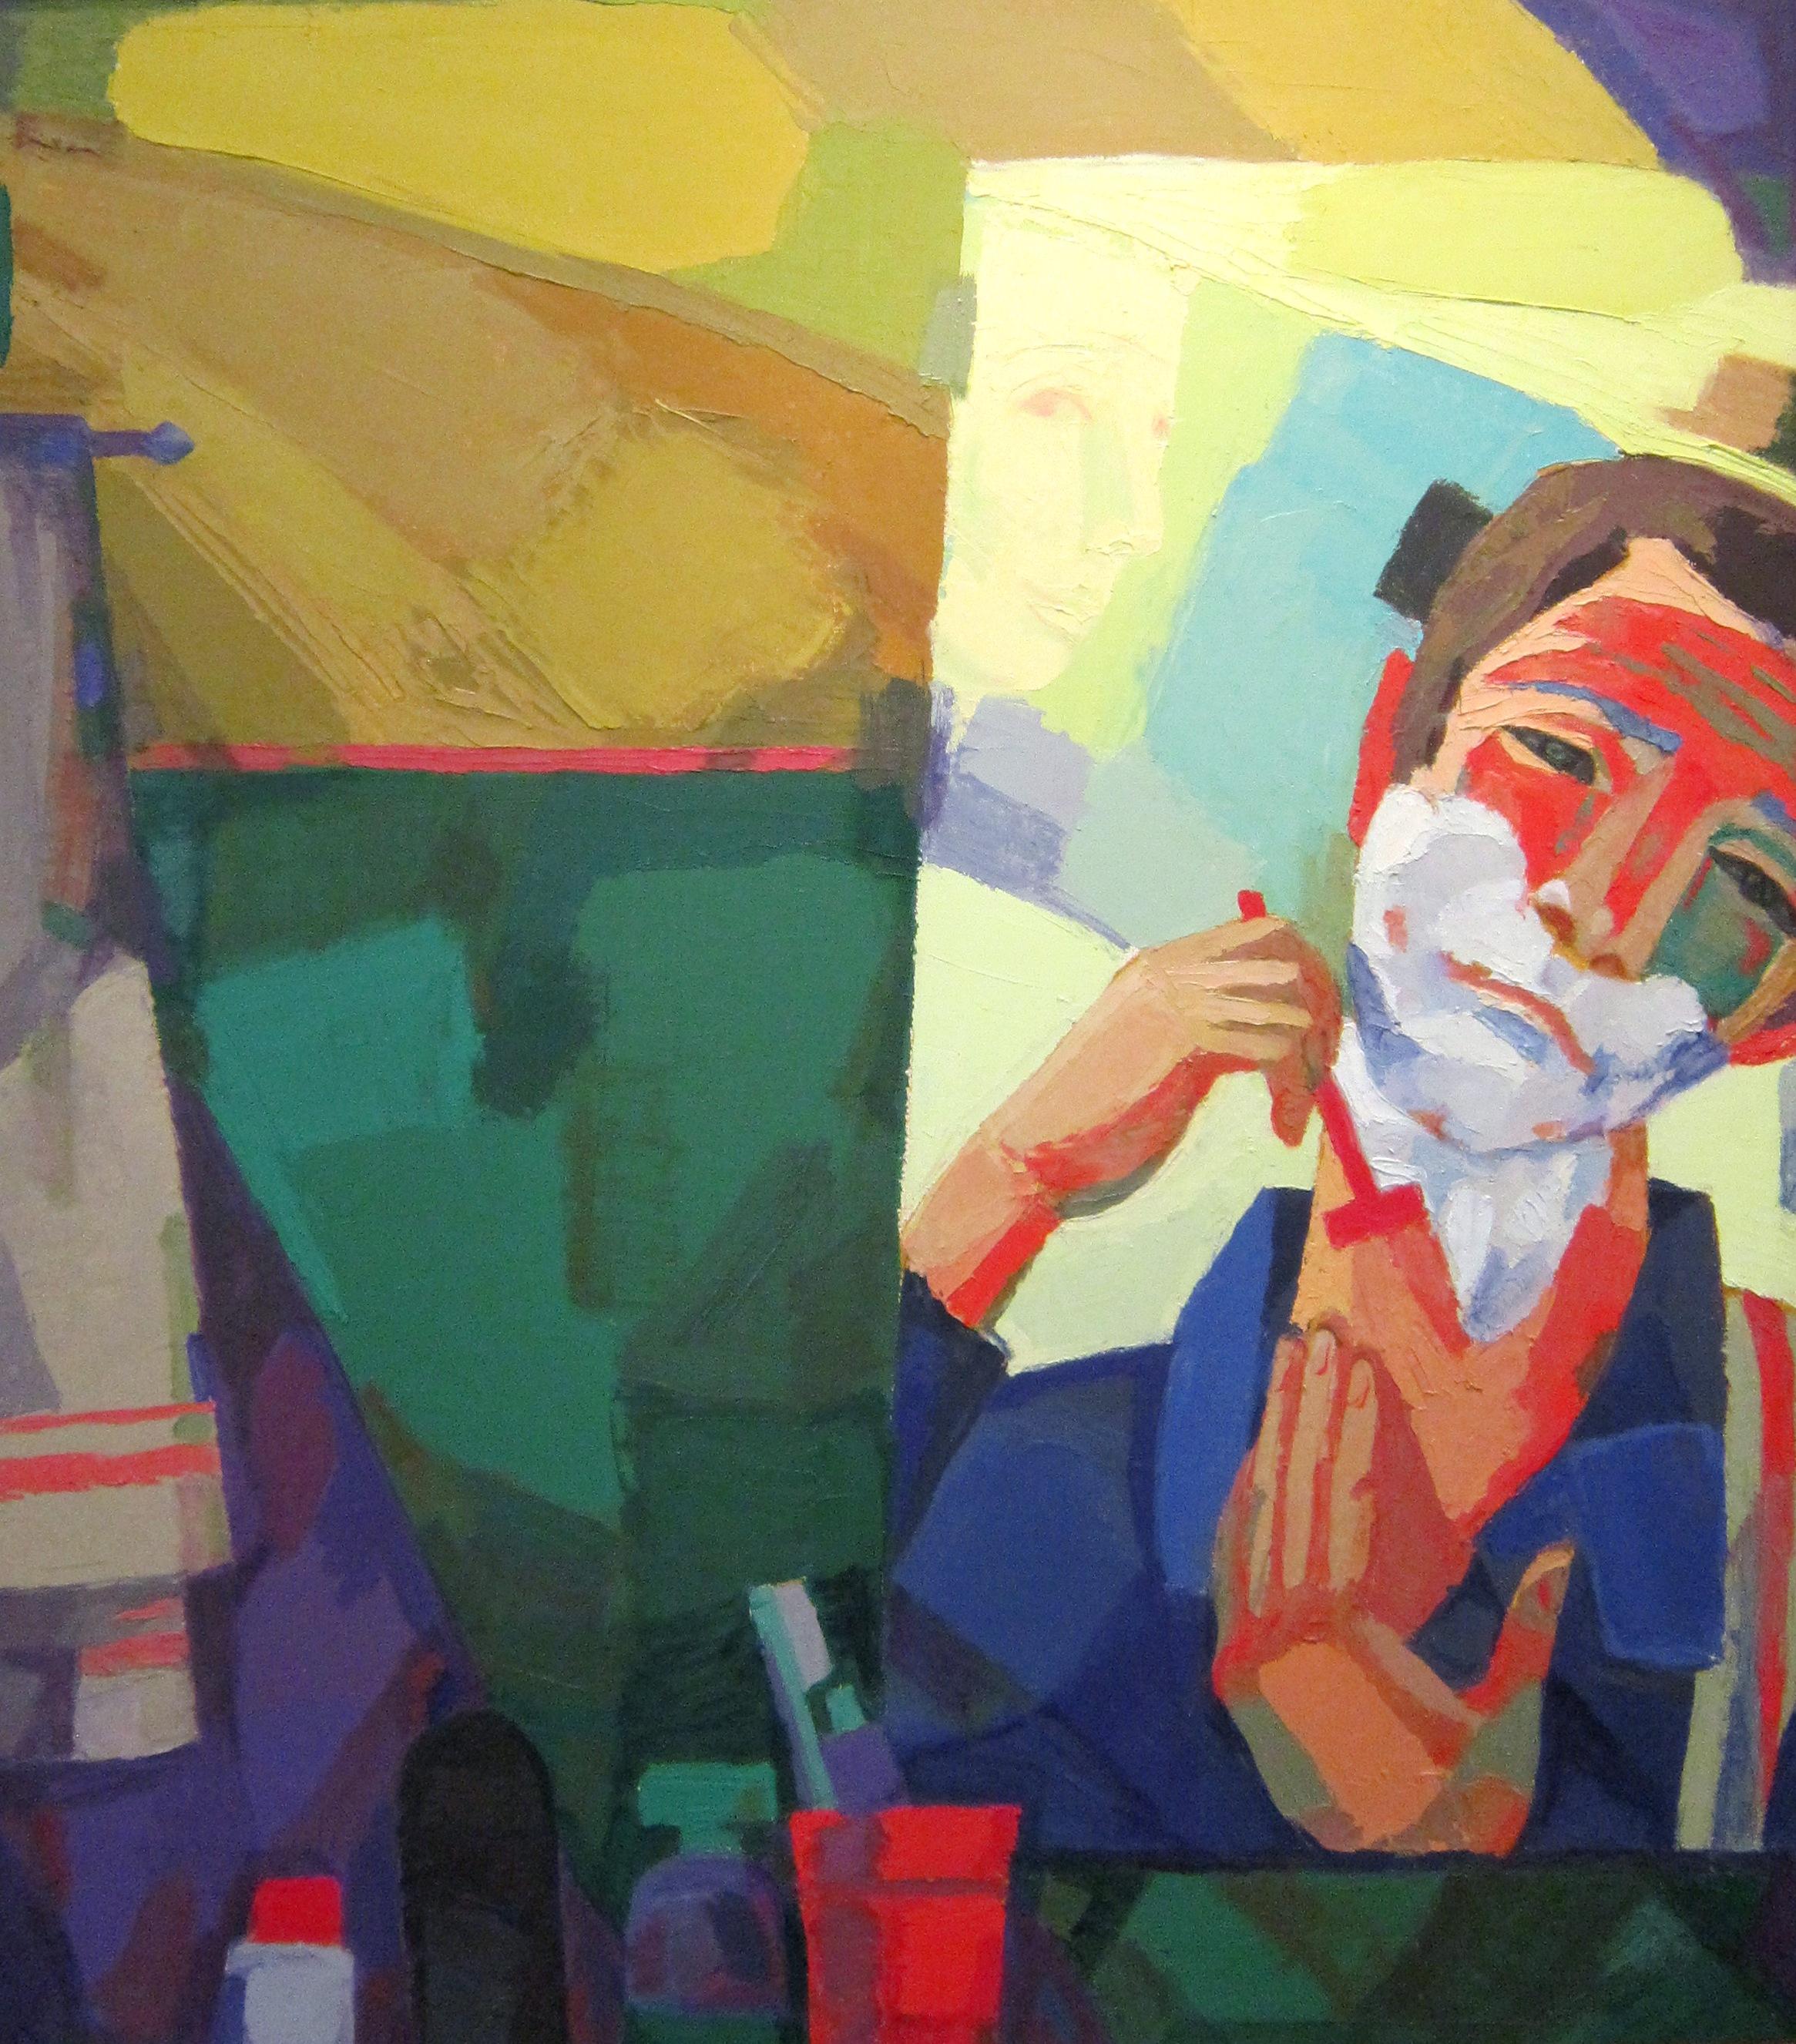 Игорь Викторович Шепель (род. в 1961 году). Автопортрет. 2007 год.